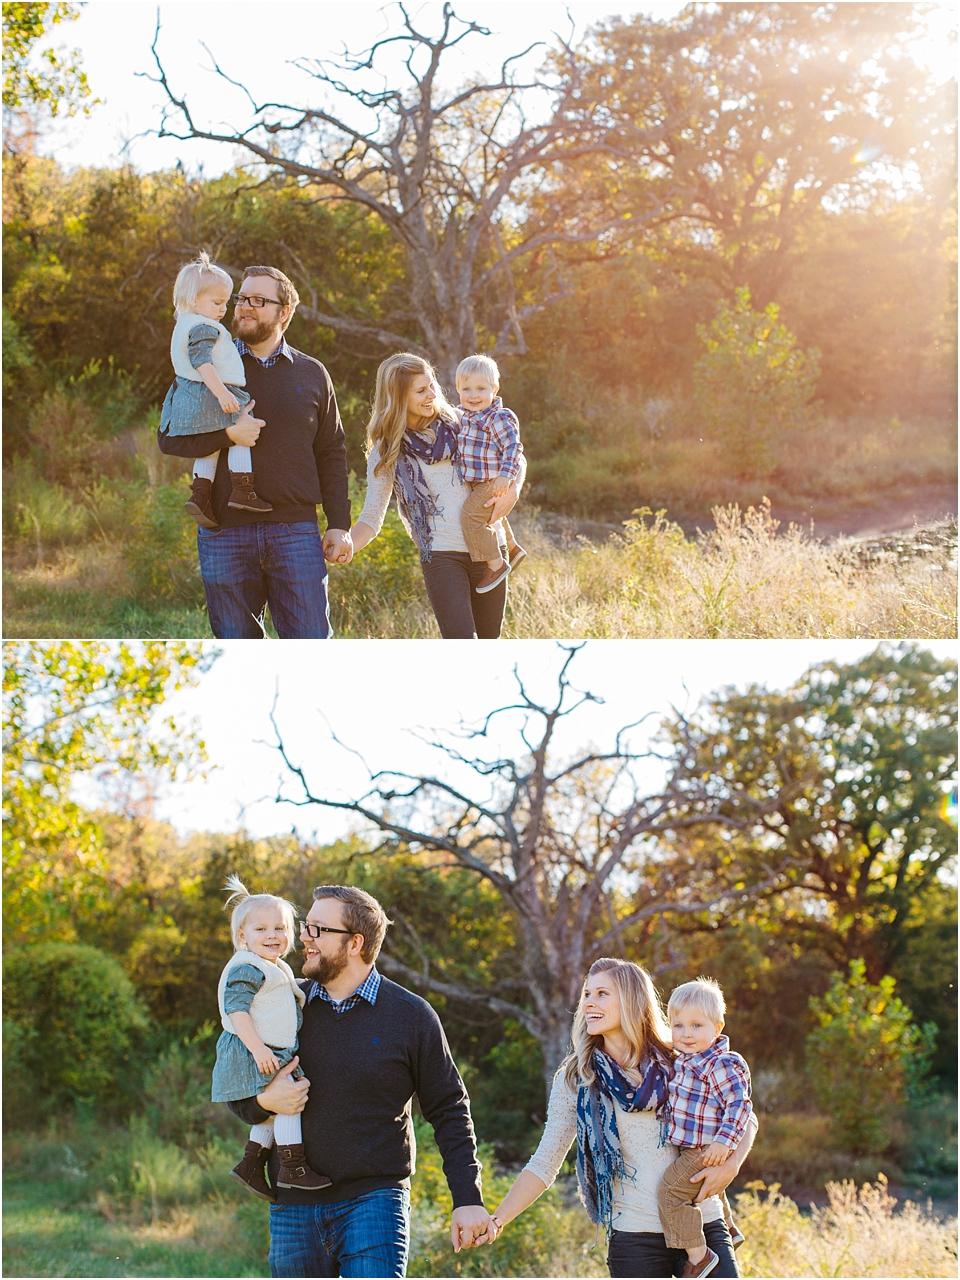 kansascitybestfamilyphotographer_0105